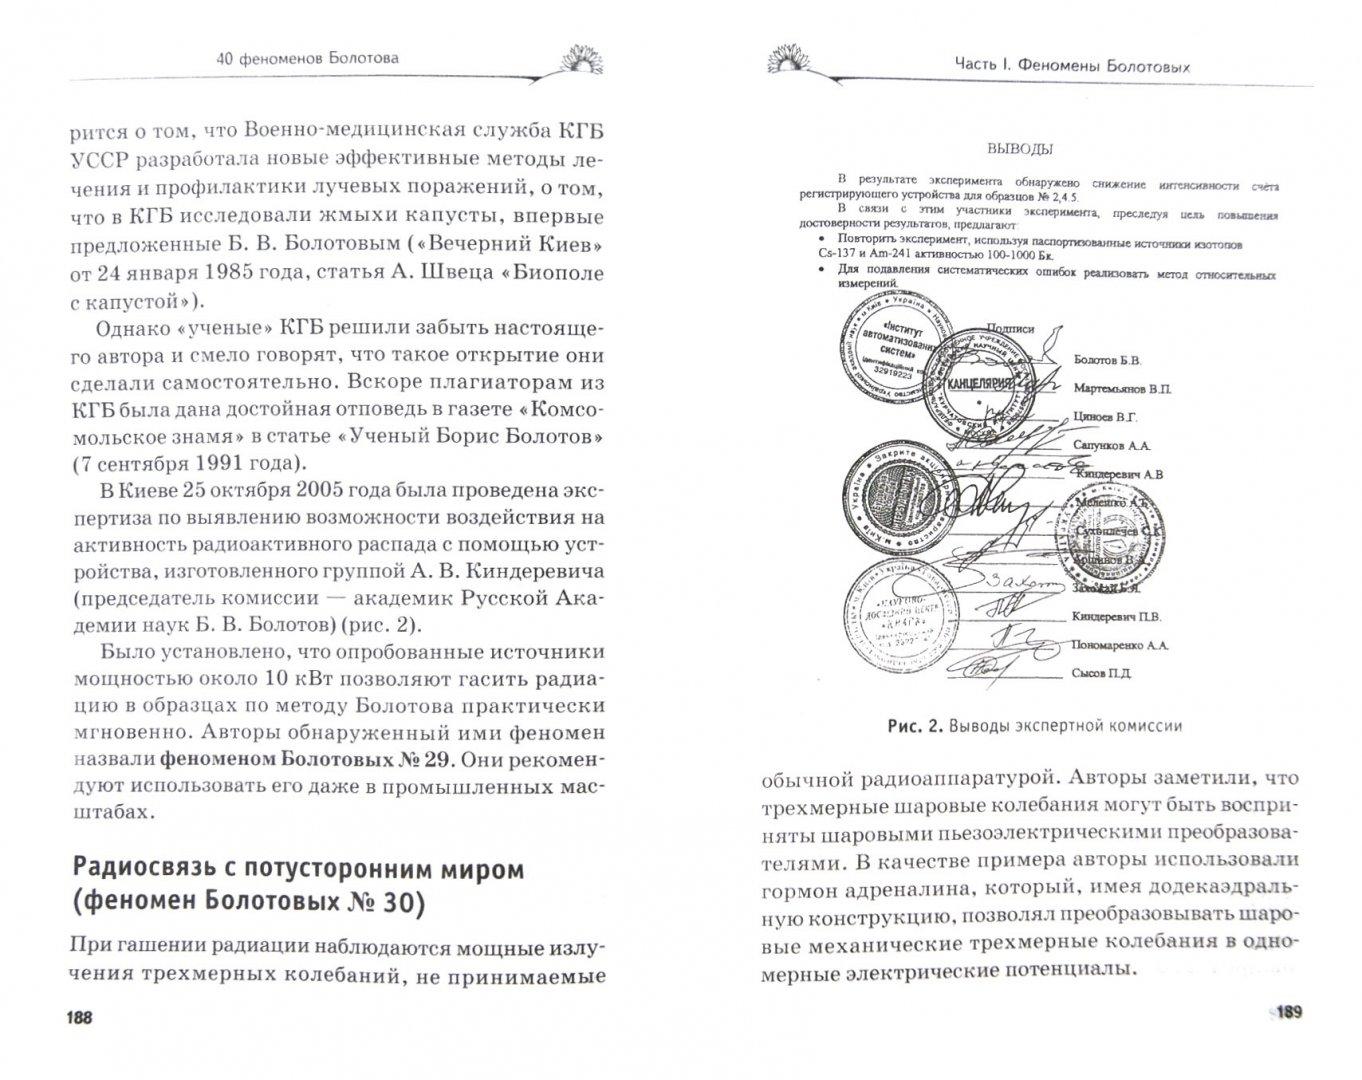 Иллюстрация 1 из 21 для 40 феноменов Болотова - Болотов, Болотова, Болотов   Лабиринт - книги. Источник: Лабиринт